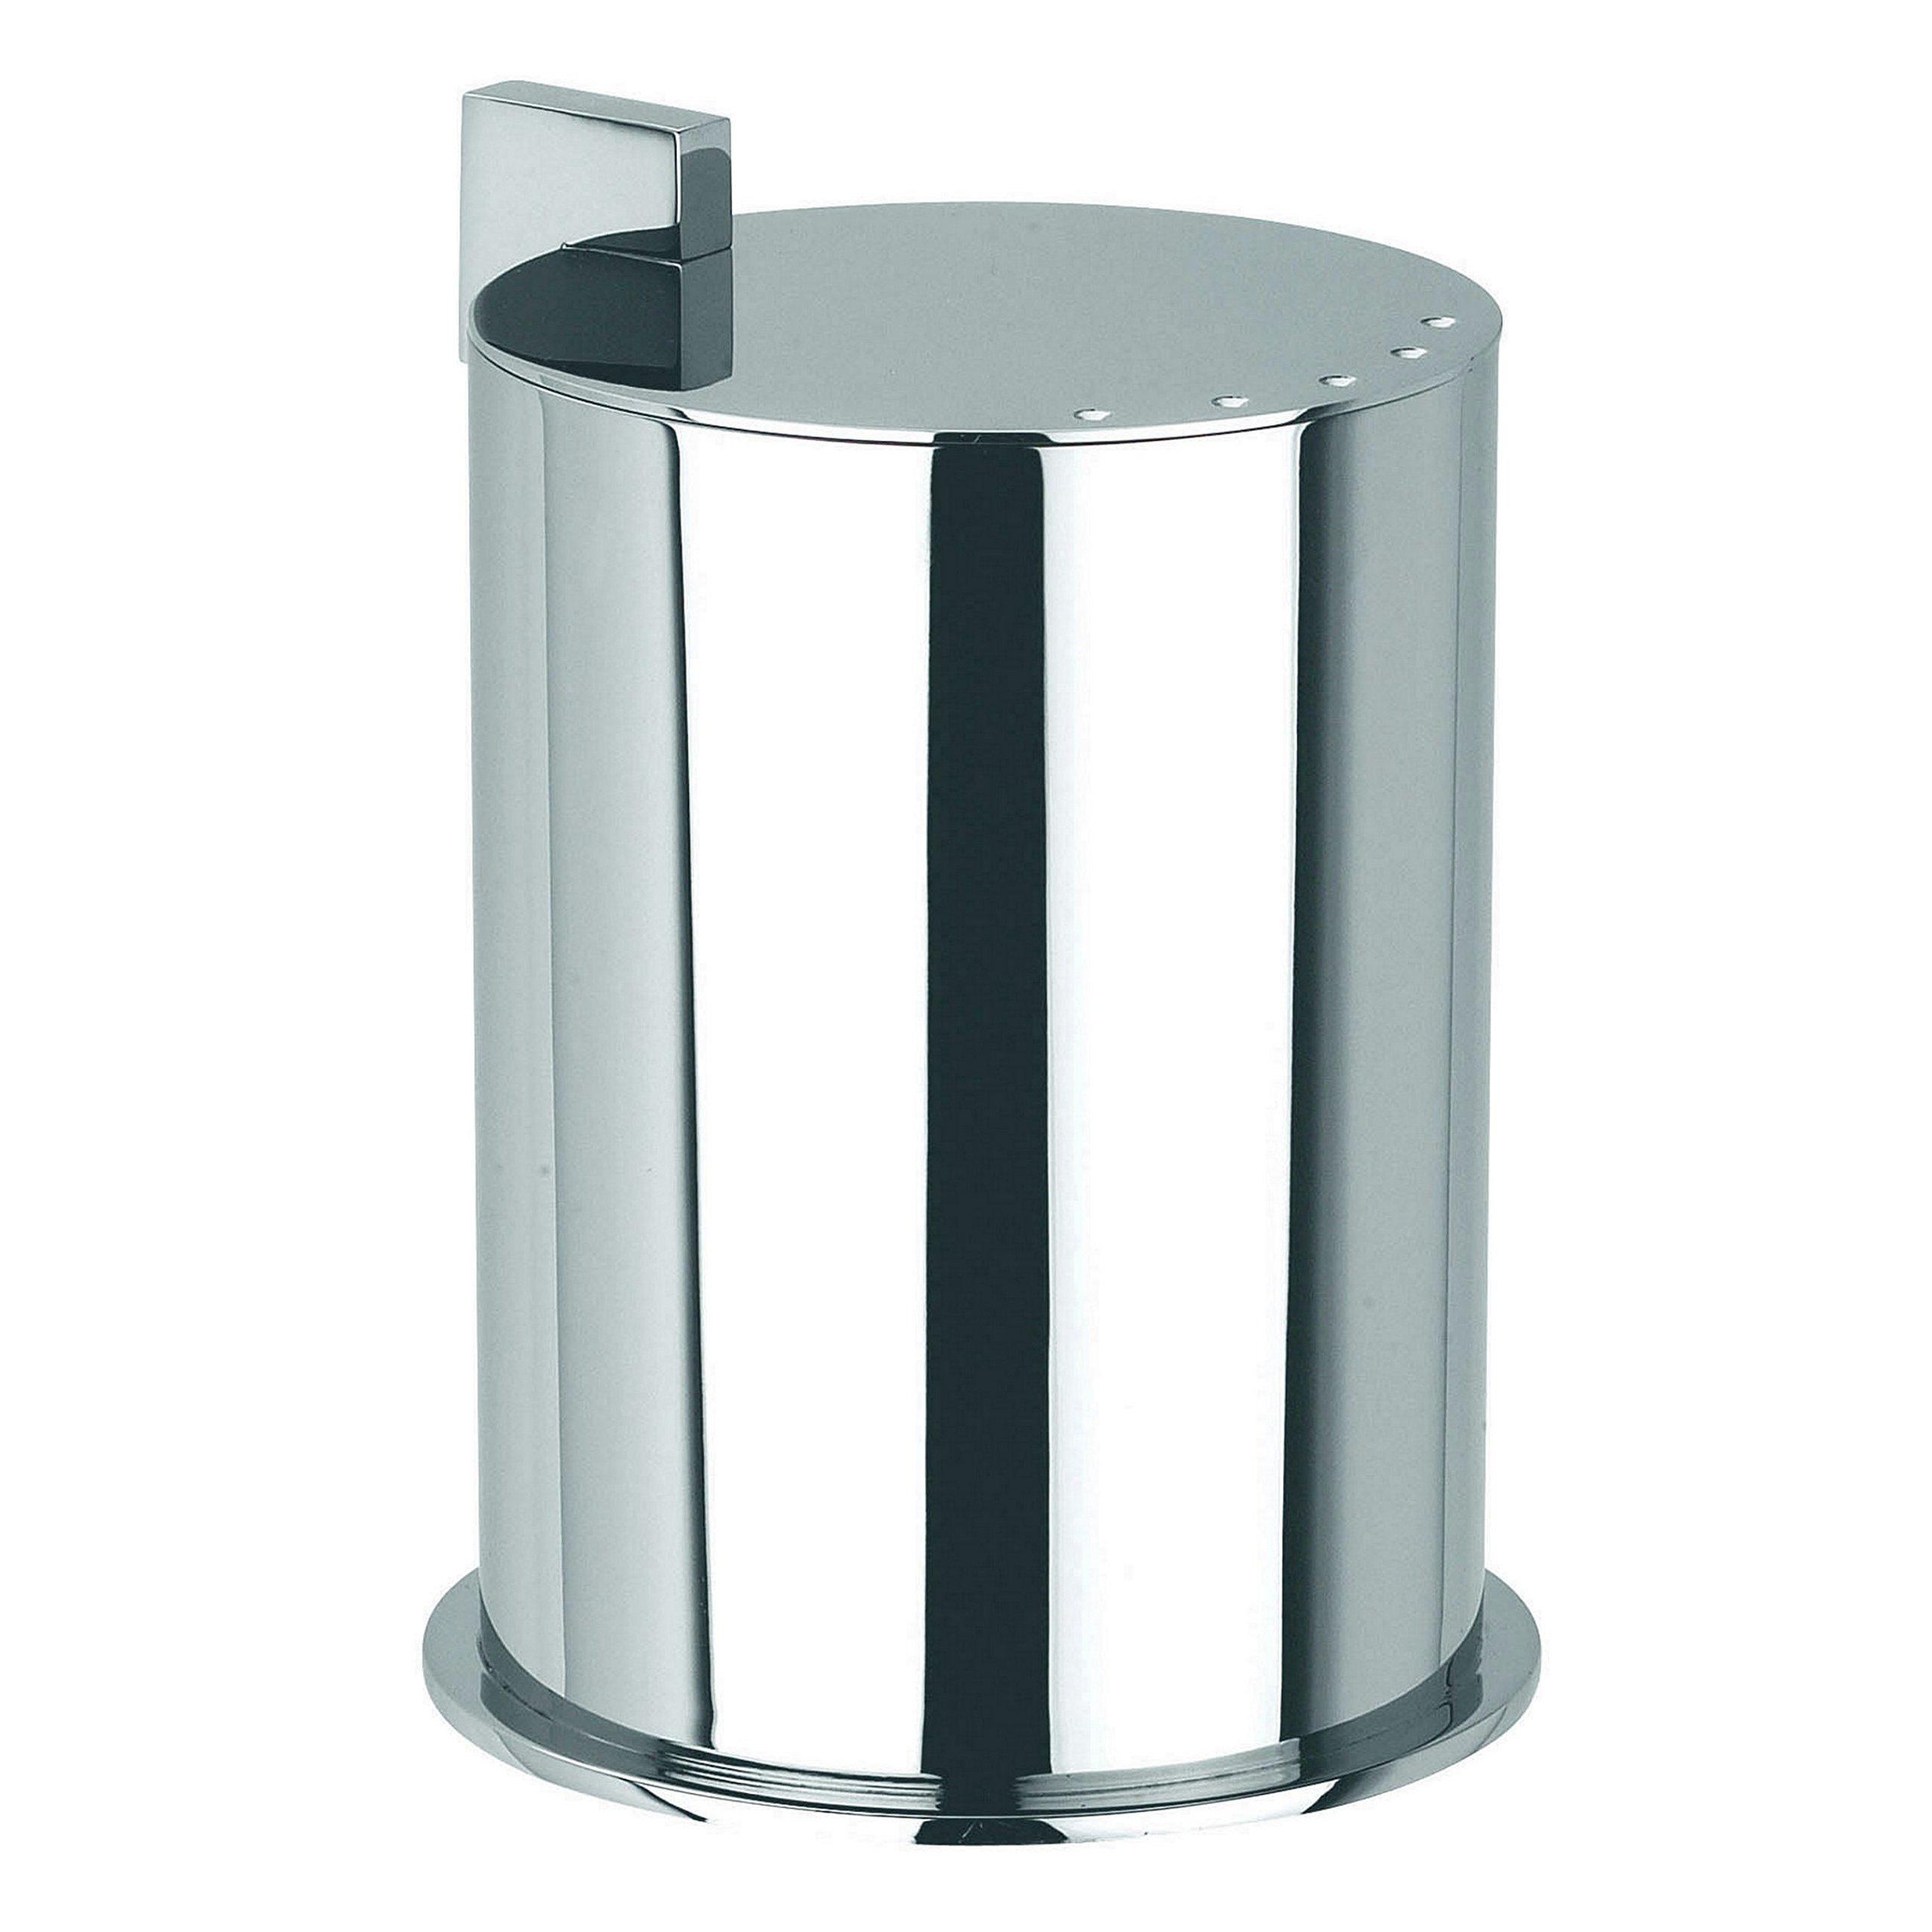 Ginger Kubic Solid Brass Vanity Jar No. 2, Large, Polished Chrome